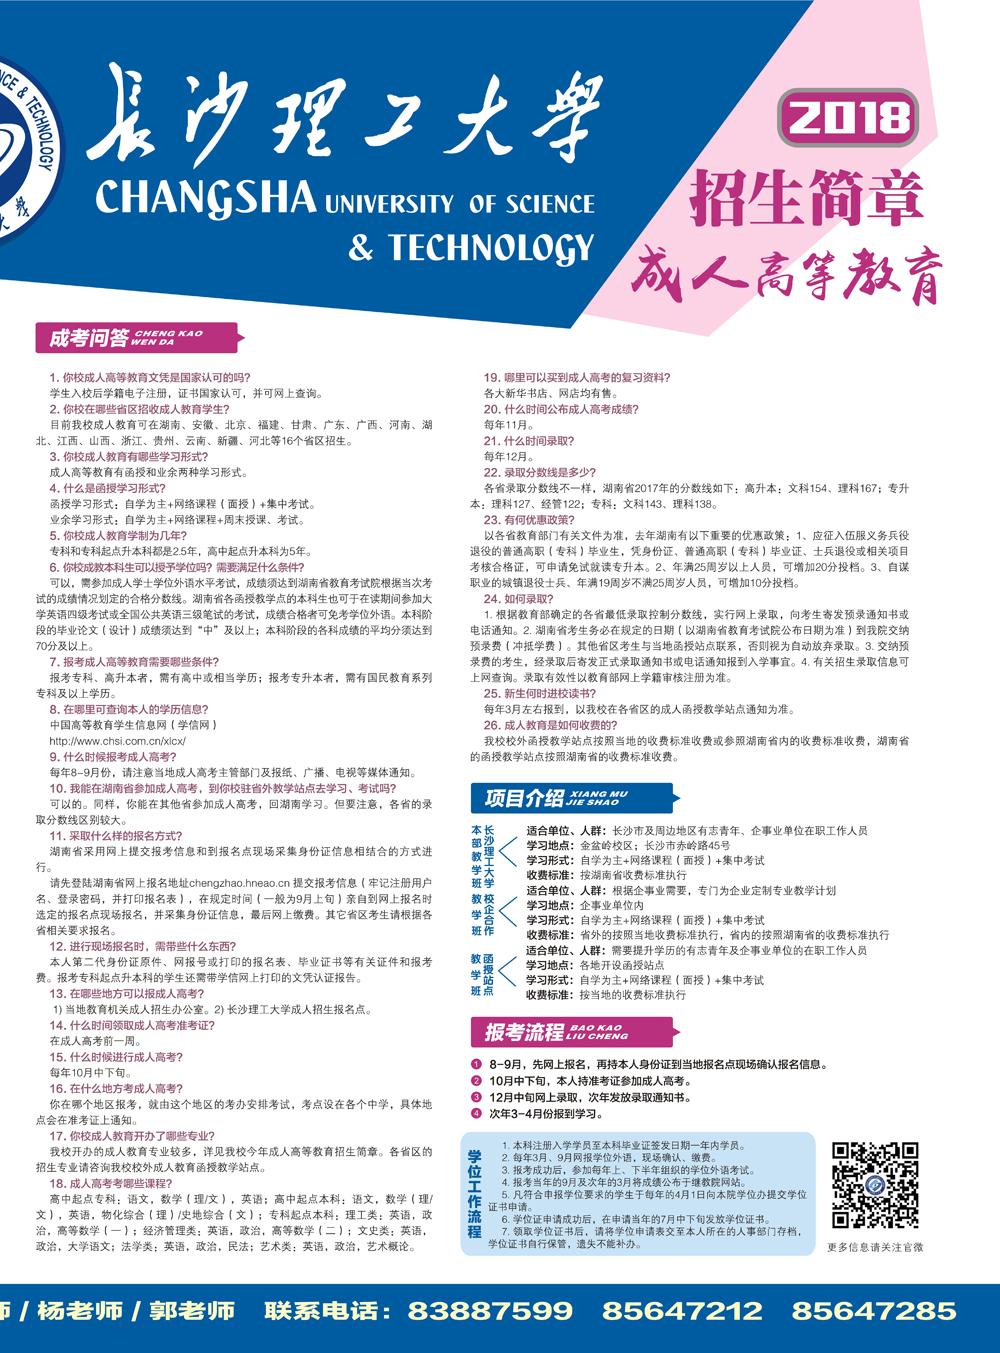 长沙理工大学成人高等教育2018招生简章